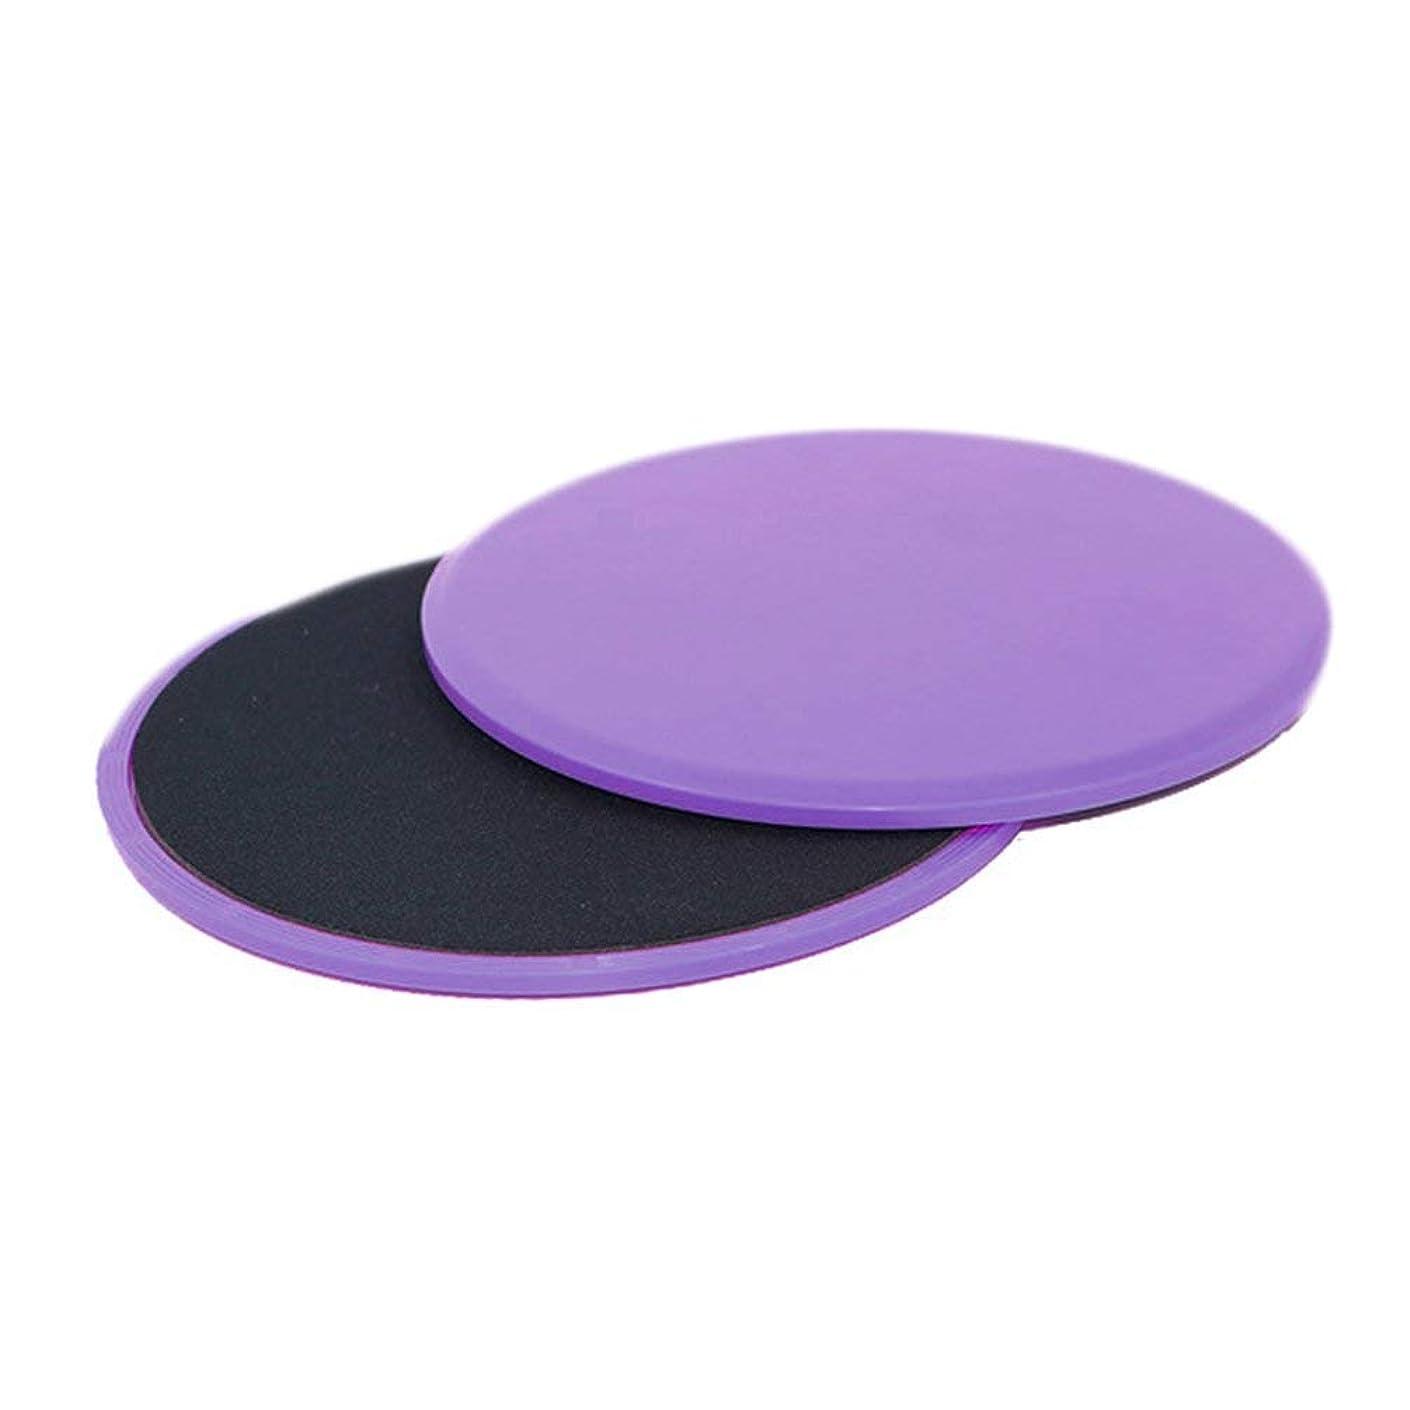 アンソロジー先見の明活性化フィットネススライドグライディングディスク調整能力フィットネスエクササイズスライダーコアトレーニング腹部と全身トレーニング - パープル